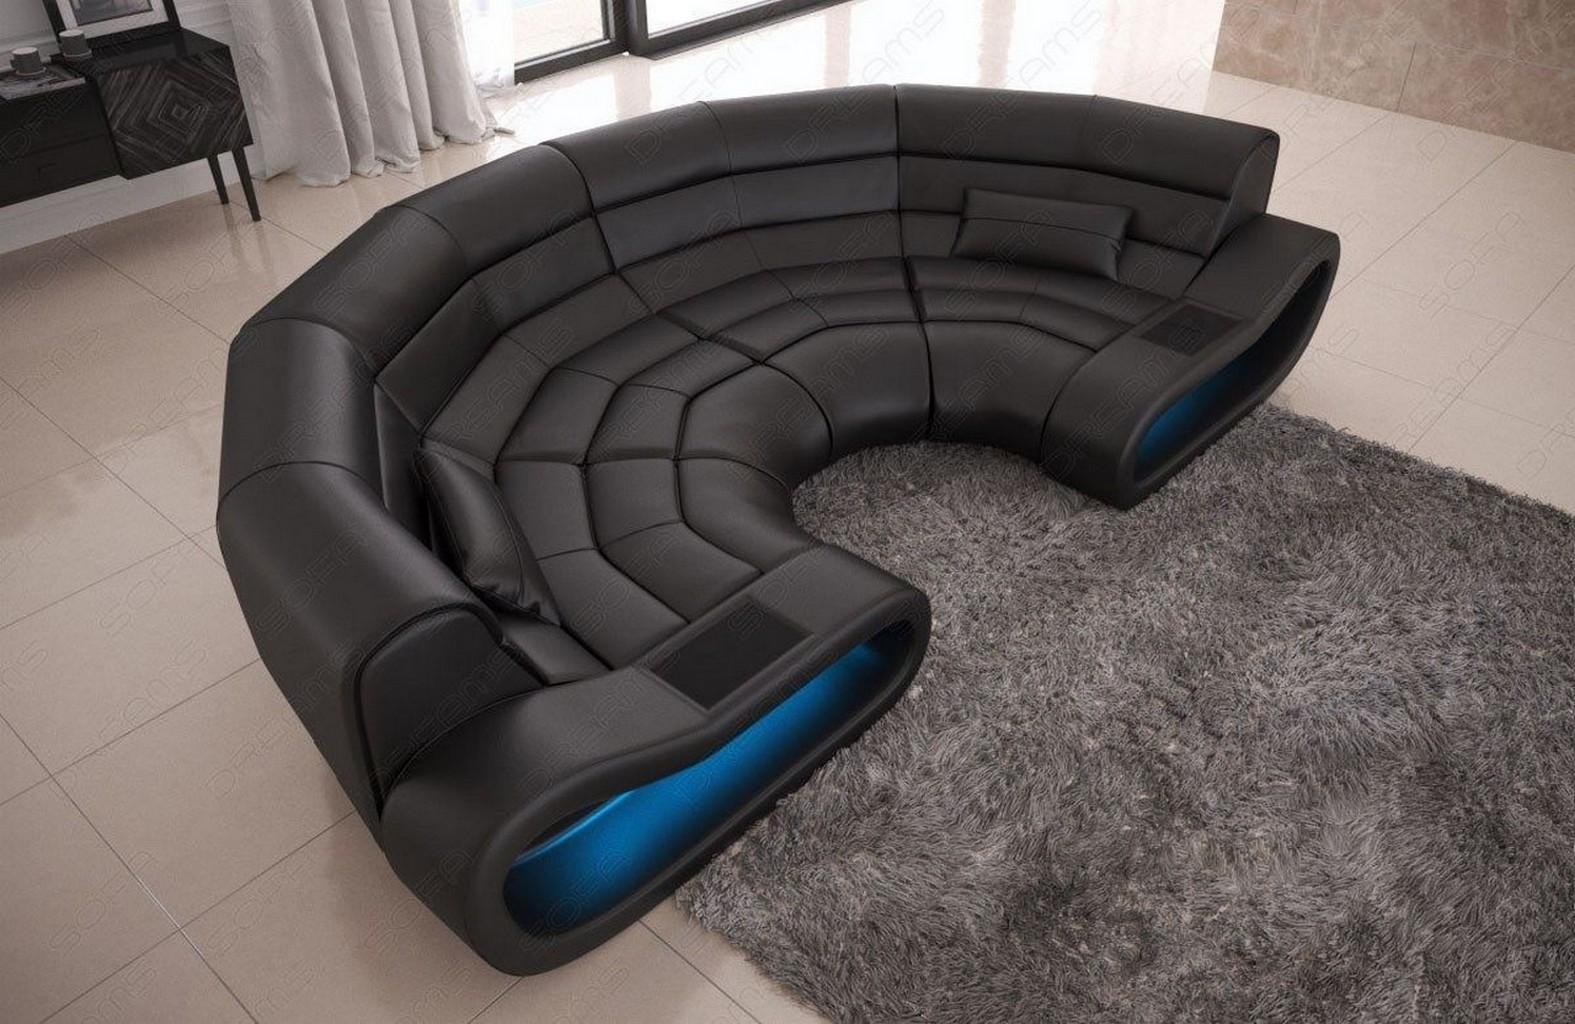 leder sofa bigsofa design couch eckcouch concept u form. Black Bedroom Furniture Sets. Home Design Ideas